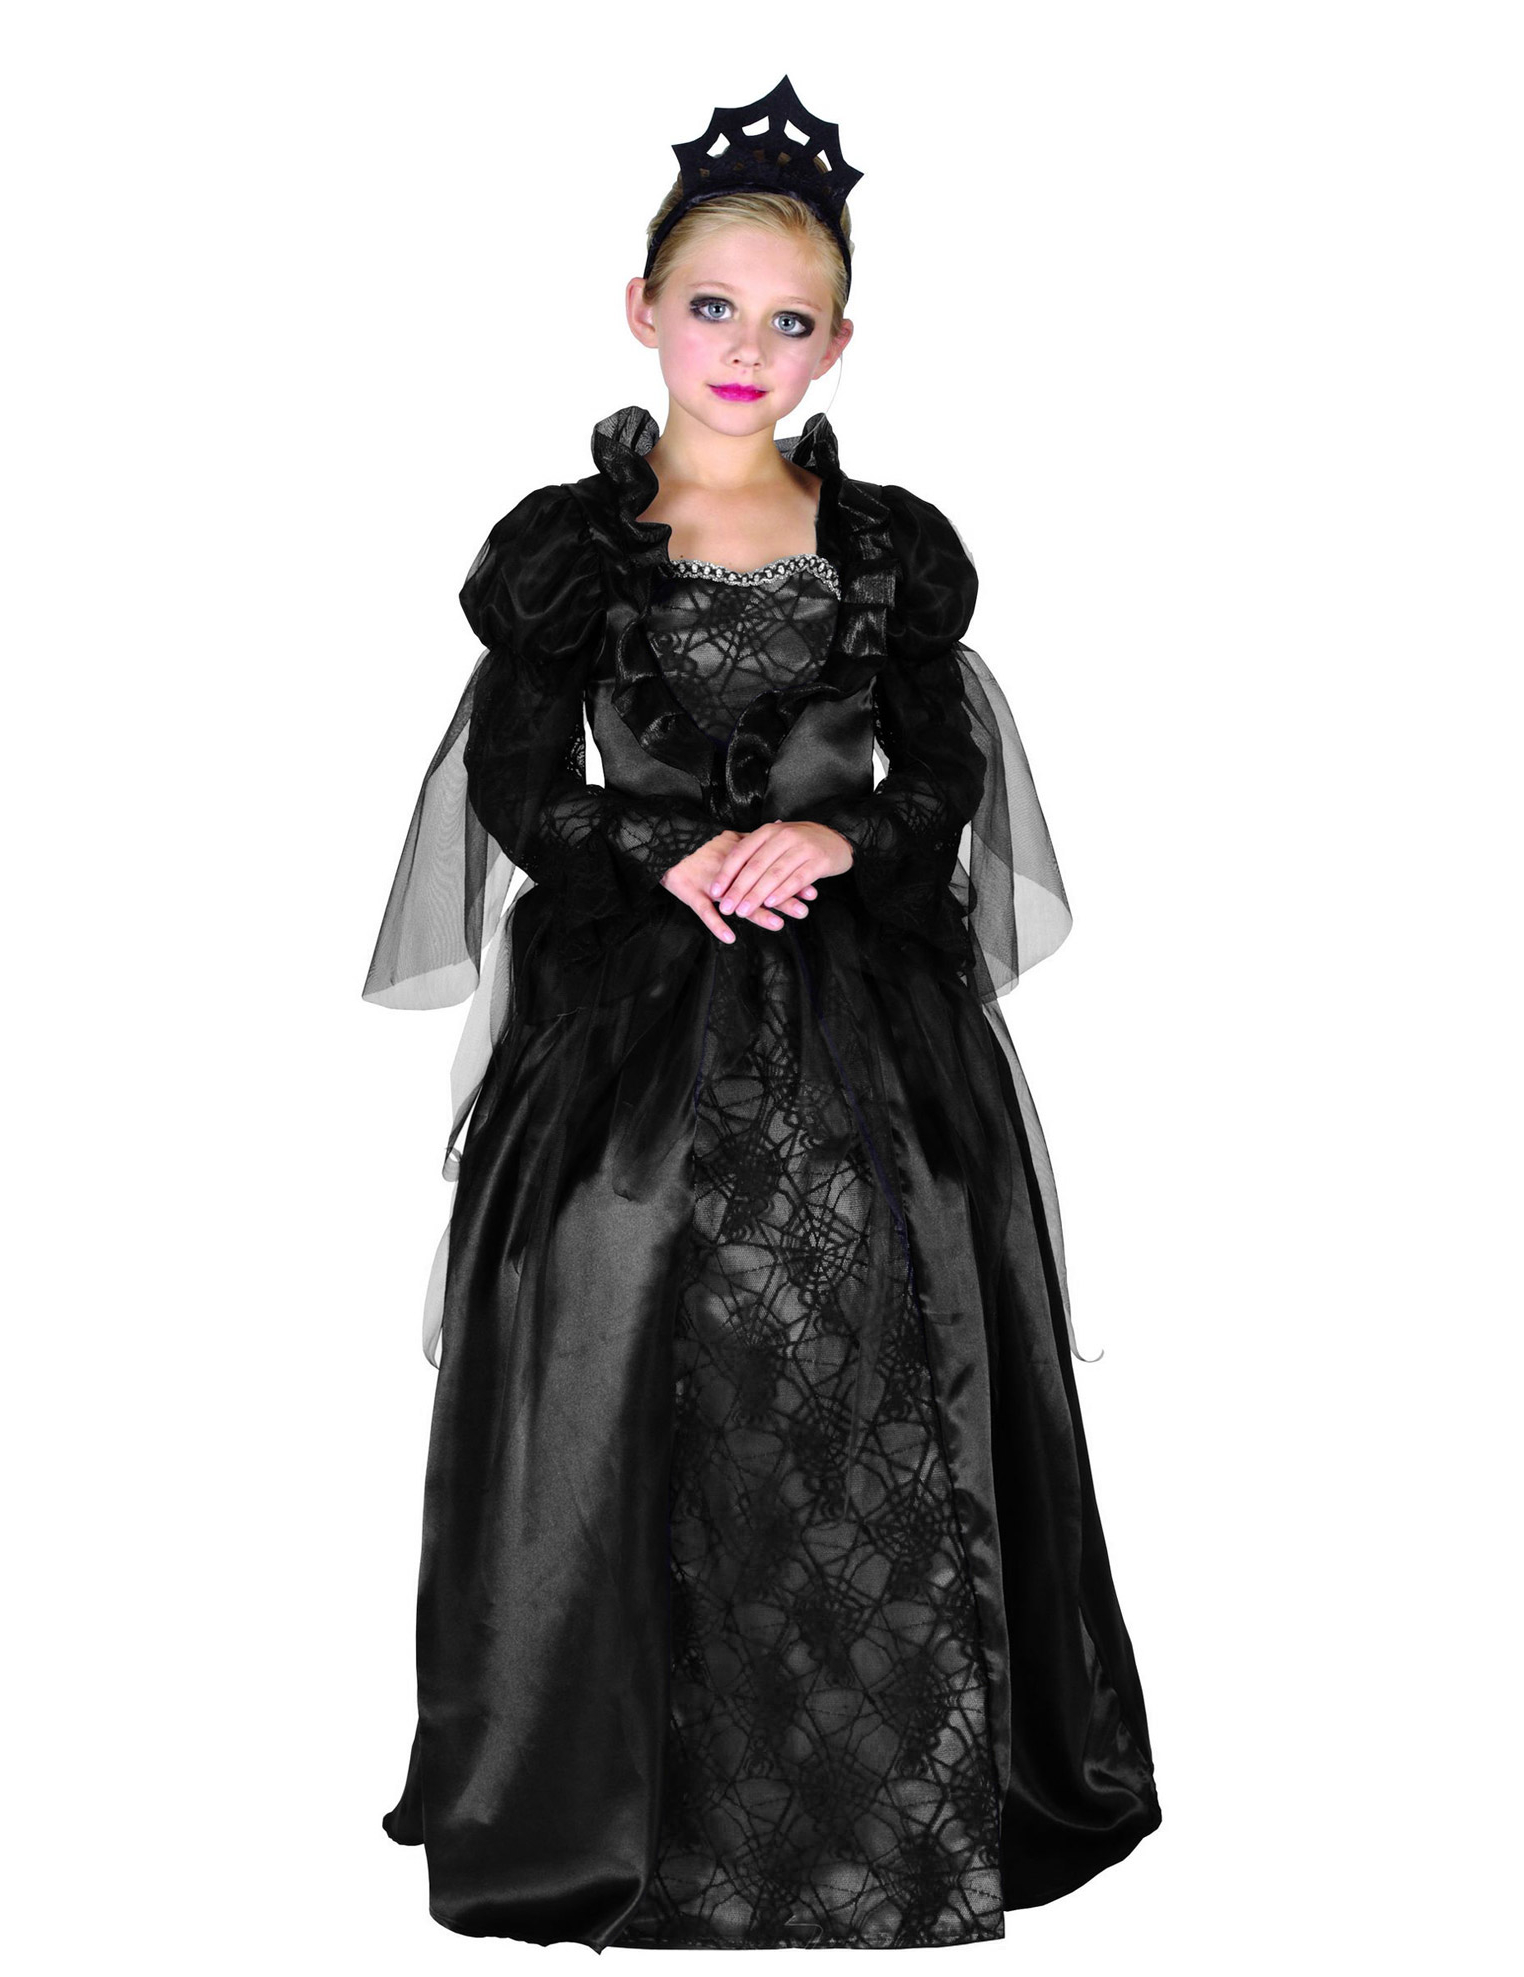 Costumi e vestiti di Halloween per bambine a prezzi imbattibili ... 8cc2c4bb73e0